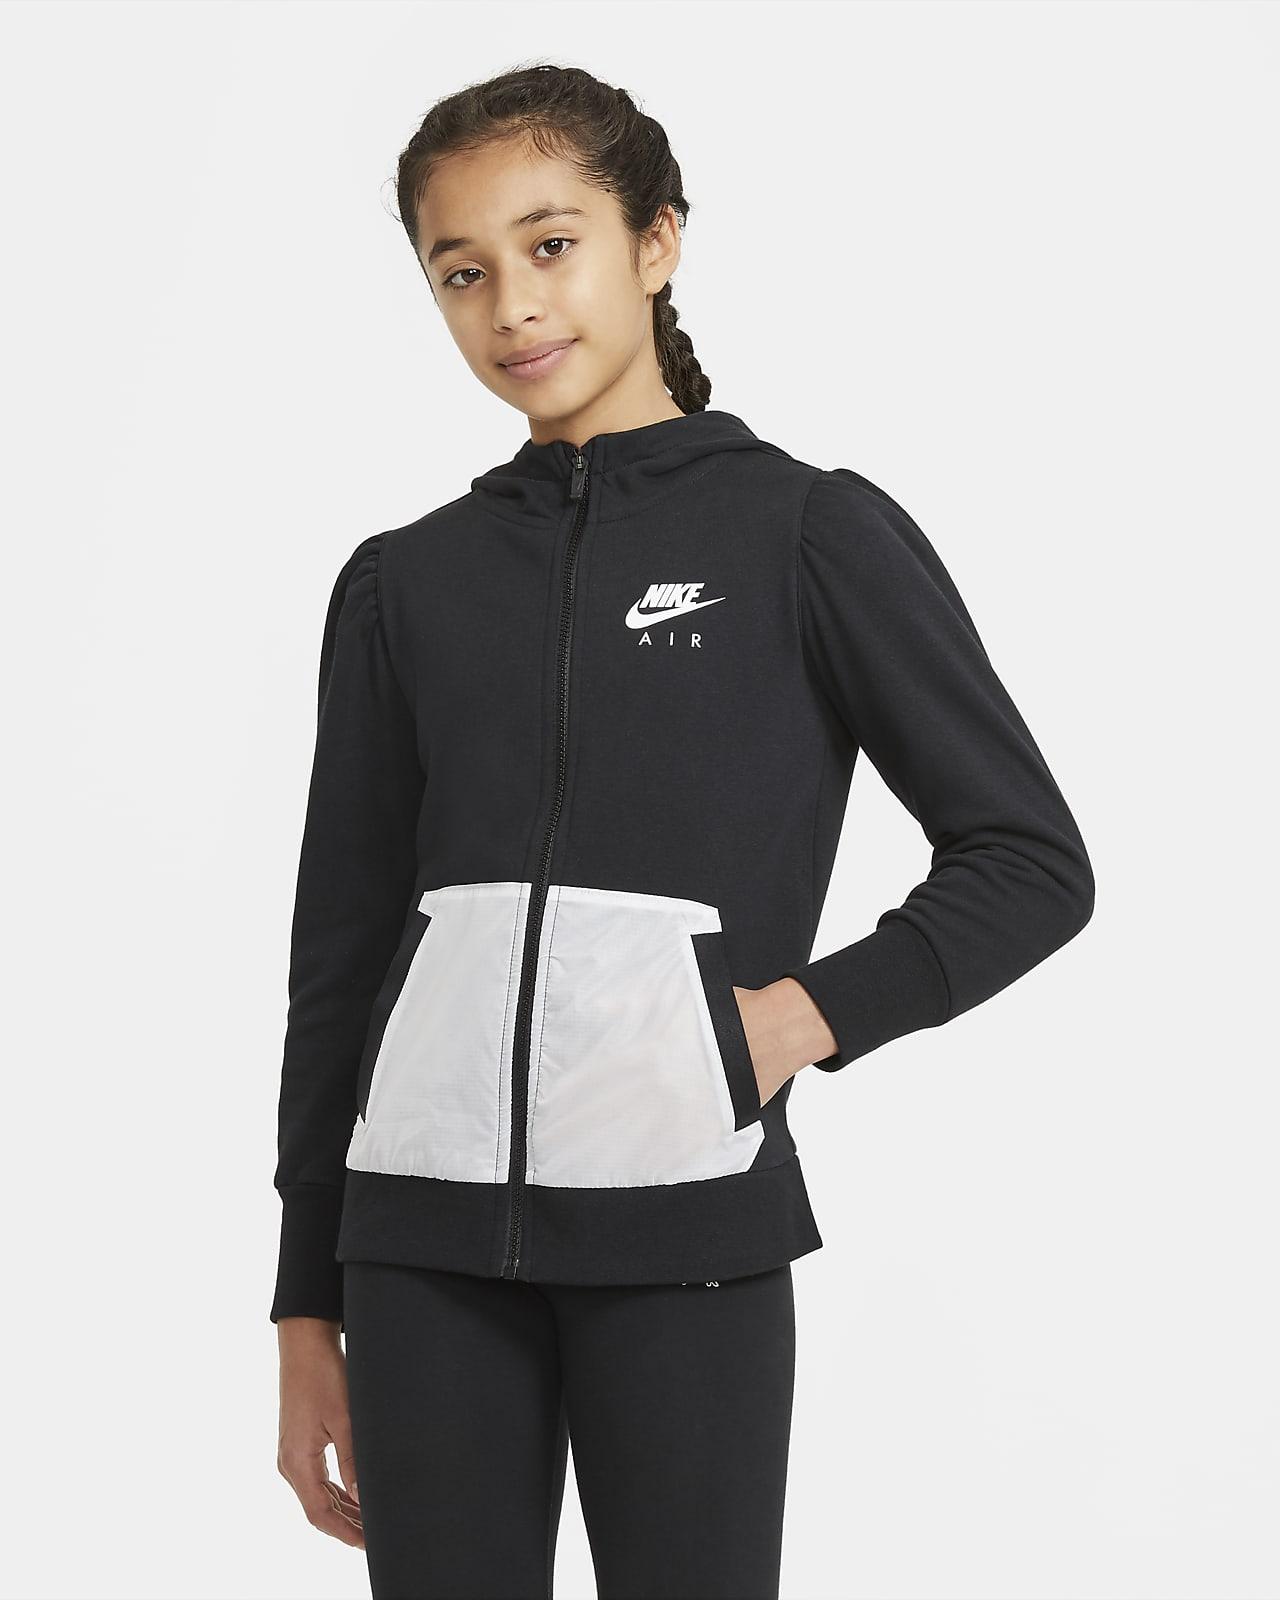 Nike Air French-Terry Hoodie mit durchgehendem Reißverschluss für ältere Kinder (Mädchen)